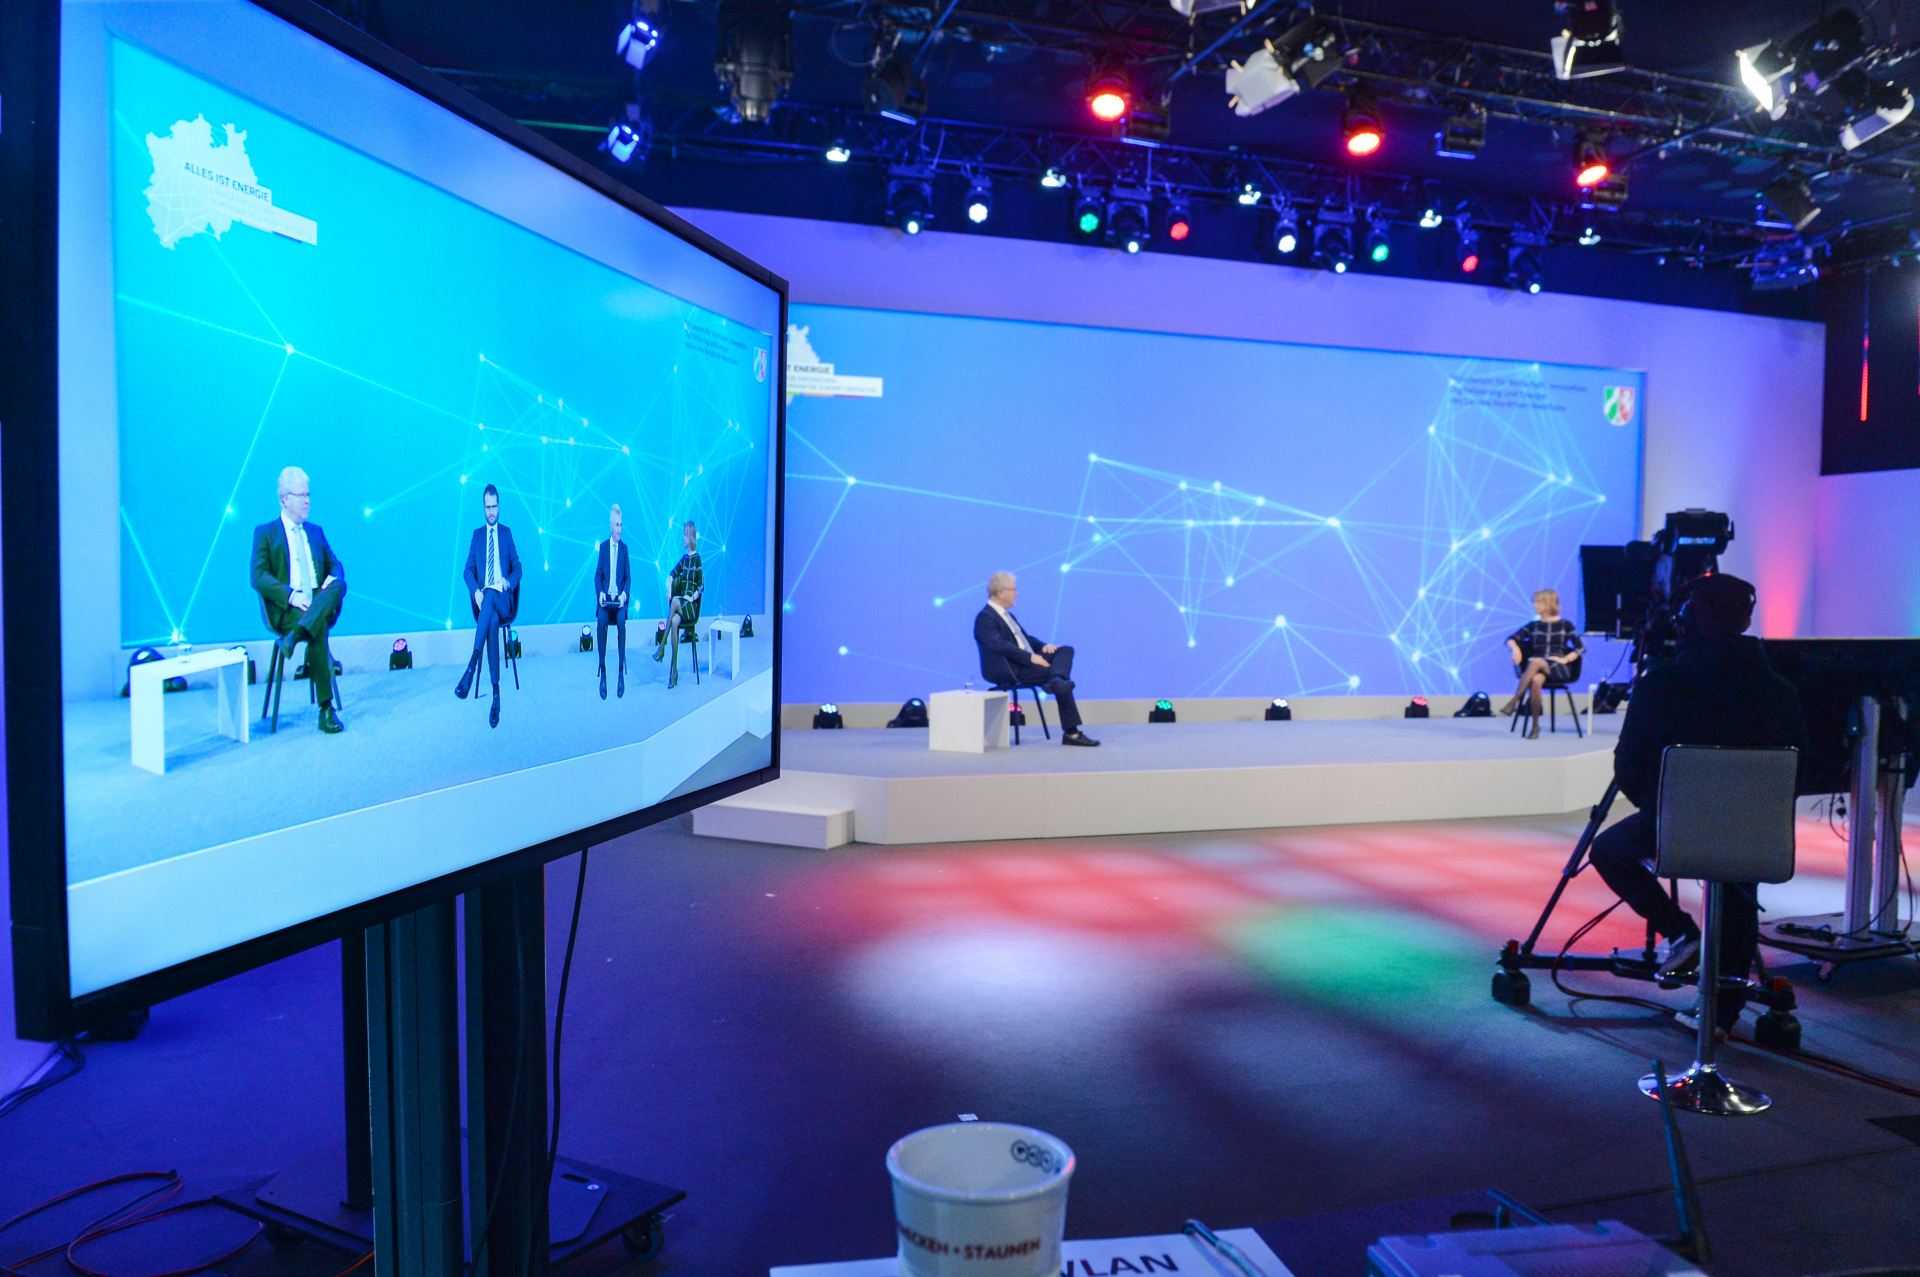 Podiumsdiskussion mit Minister Pinkwart und Staatssekretär Feicht